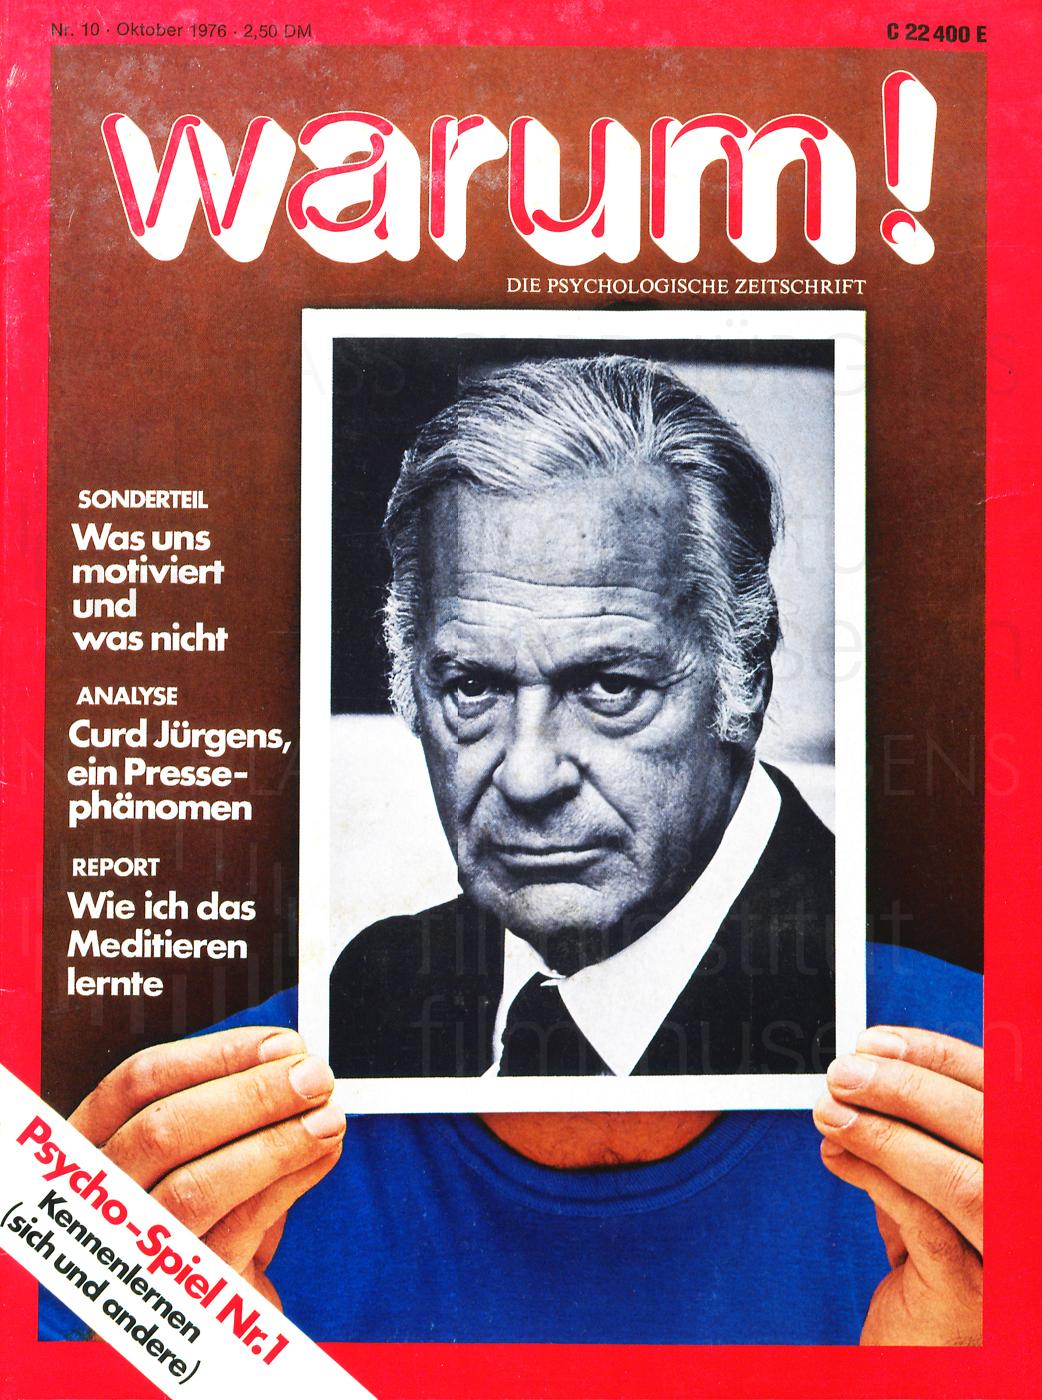 """Warum!: """"Curd Jürgens, ein Pressephänomen"""", N. 10, Oktober 1976"""